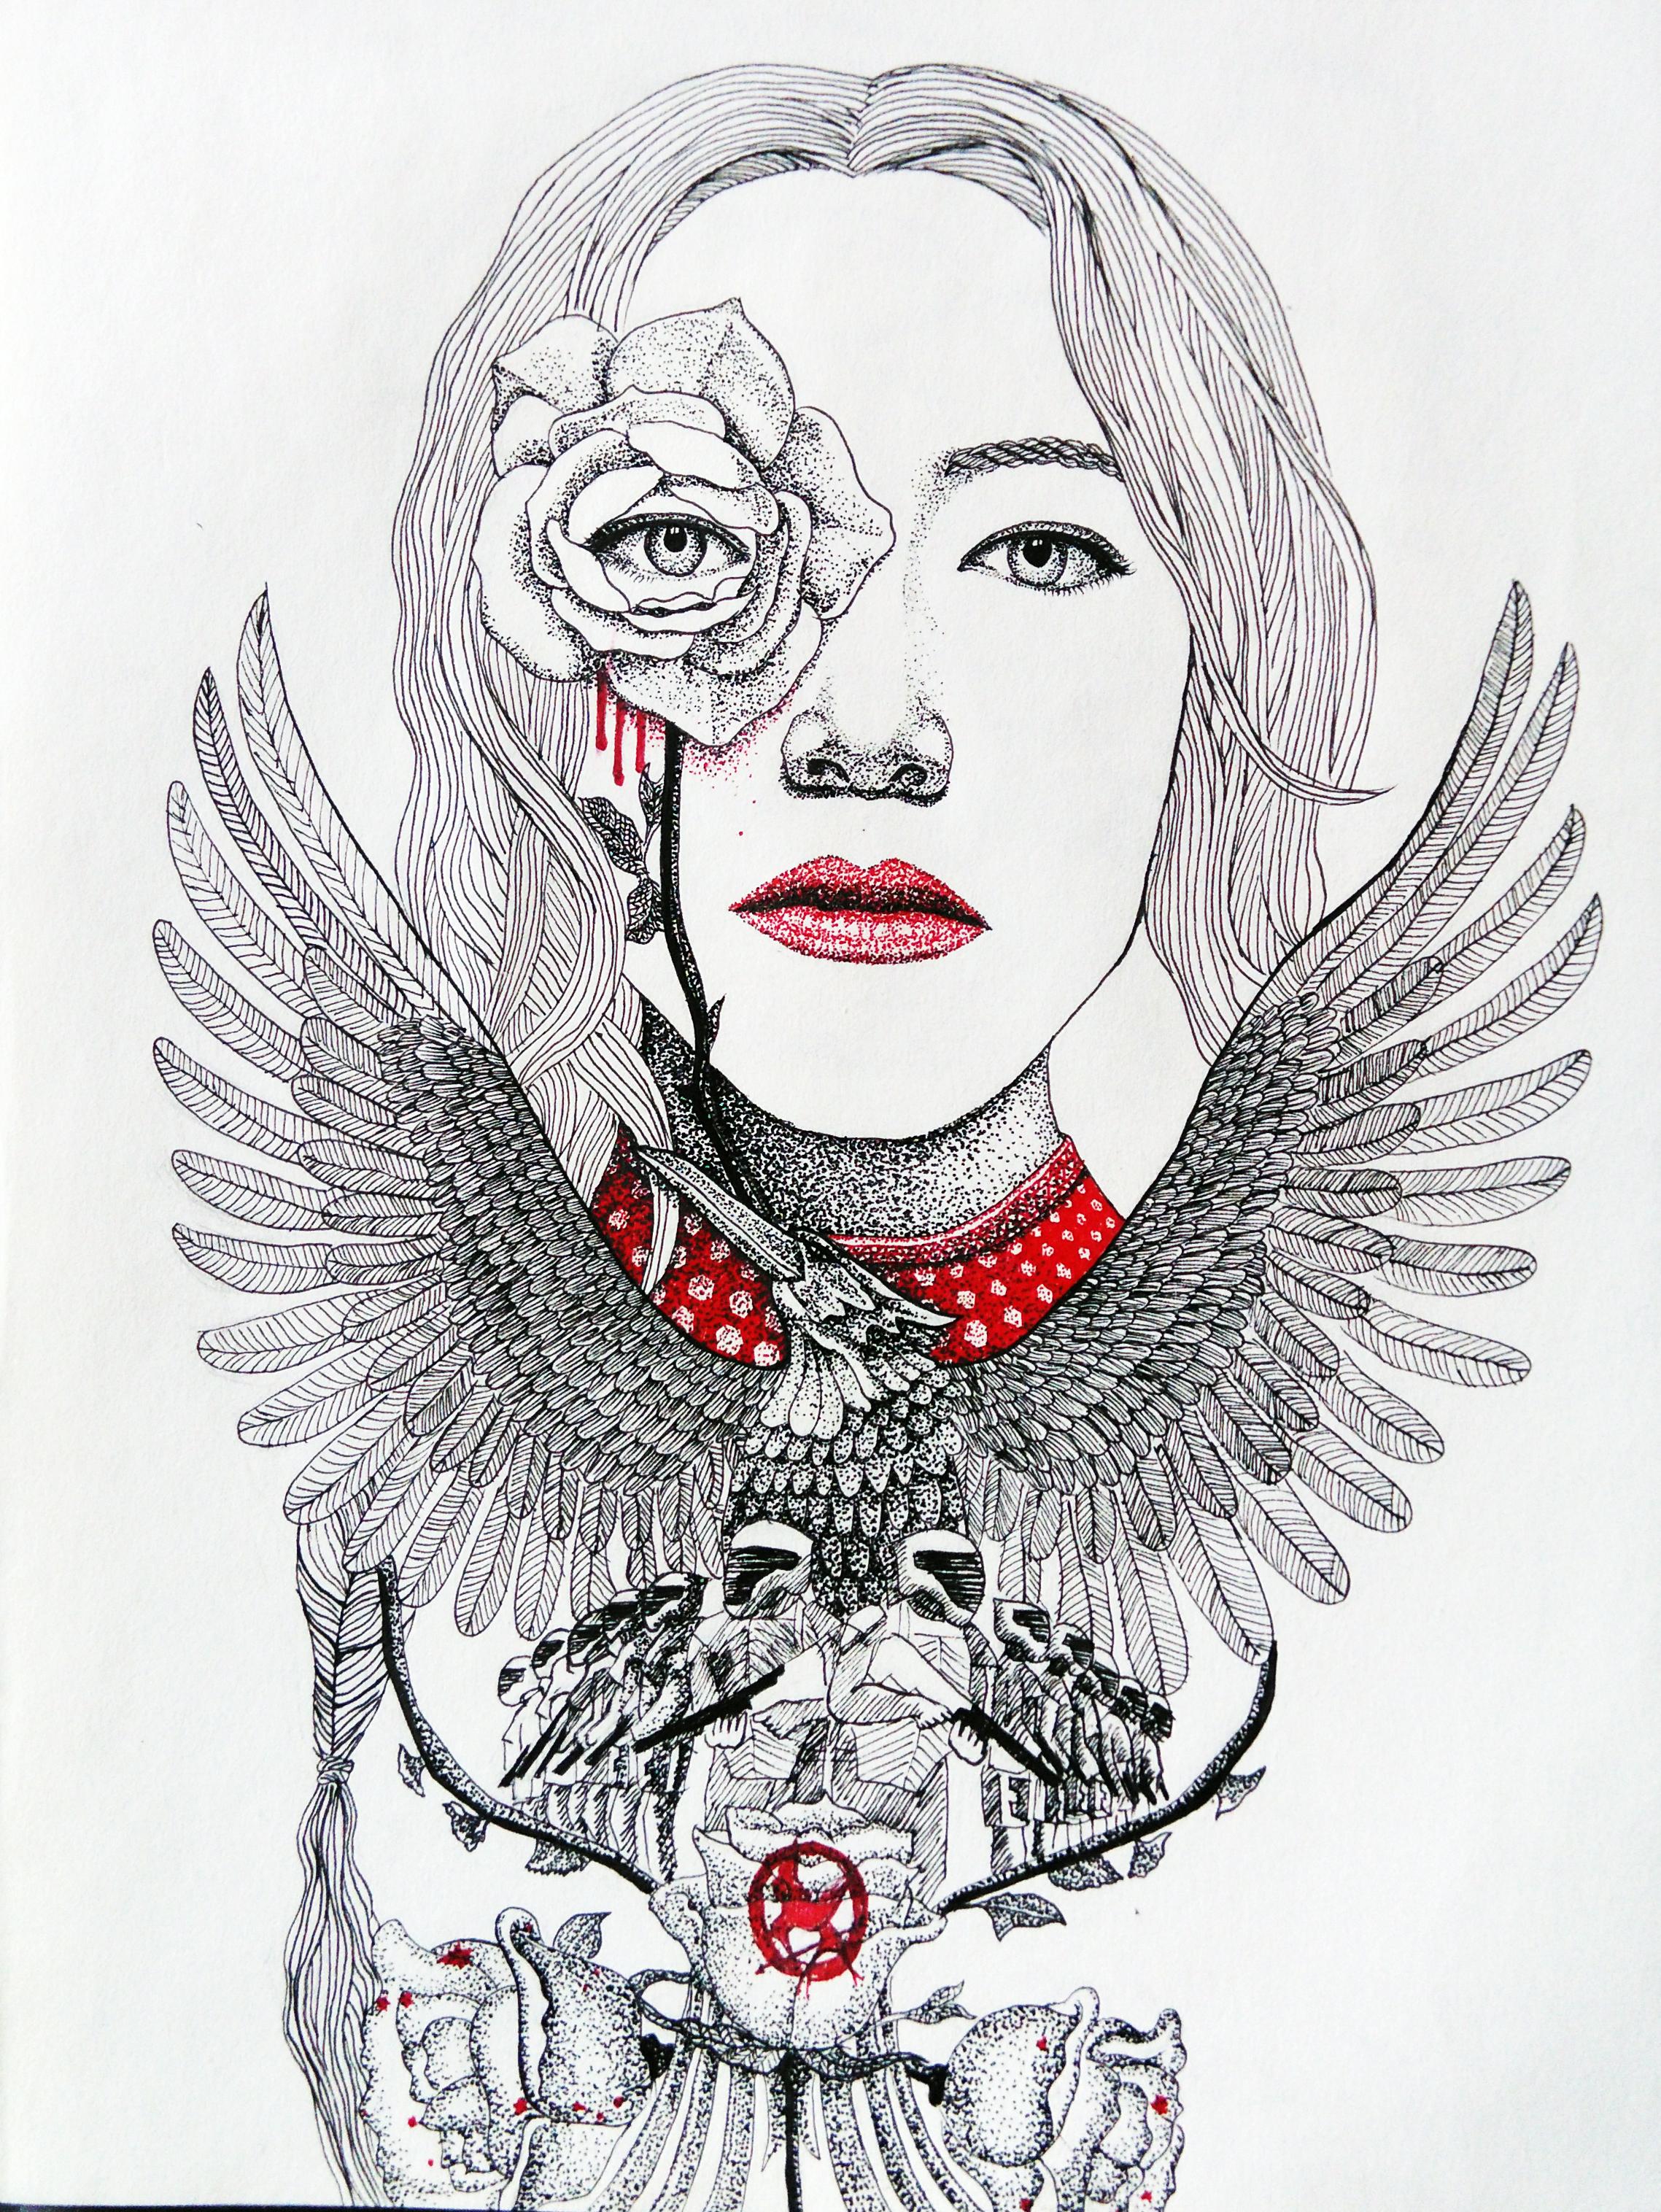 一些黑白手绘-1|插画|插画习作|立体构成 - 原创作品